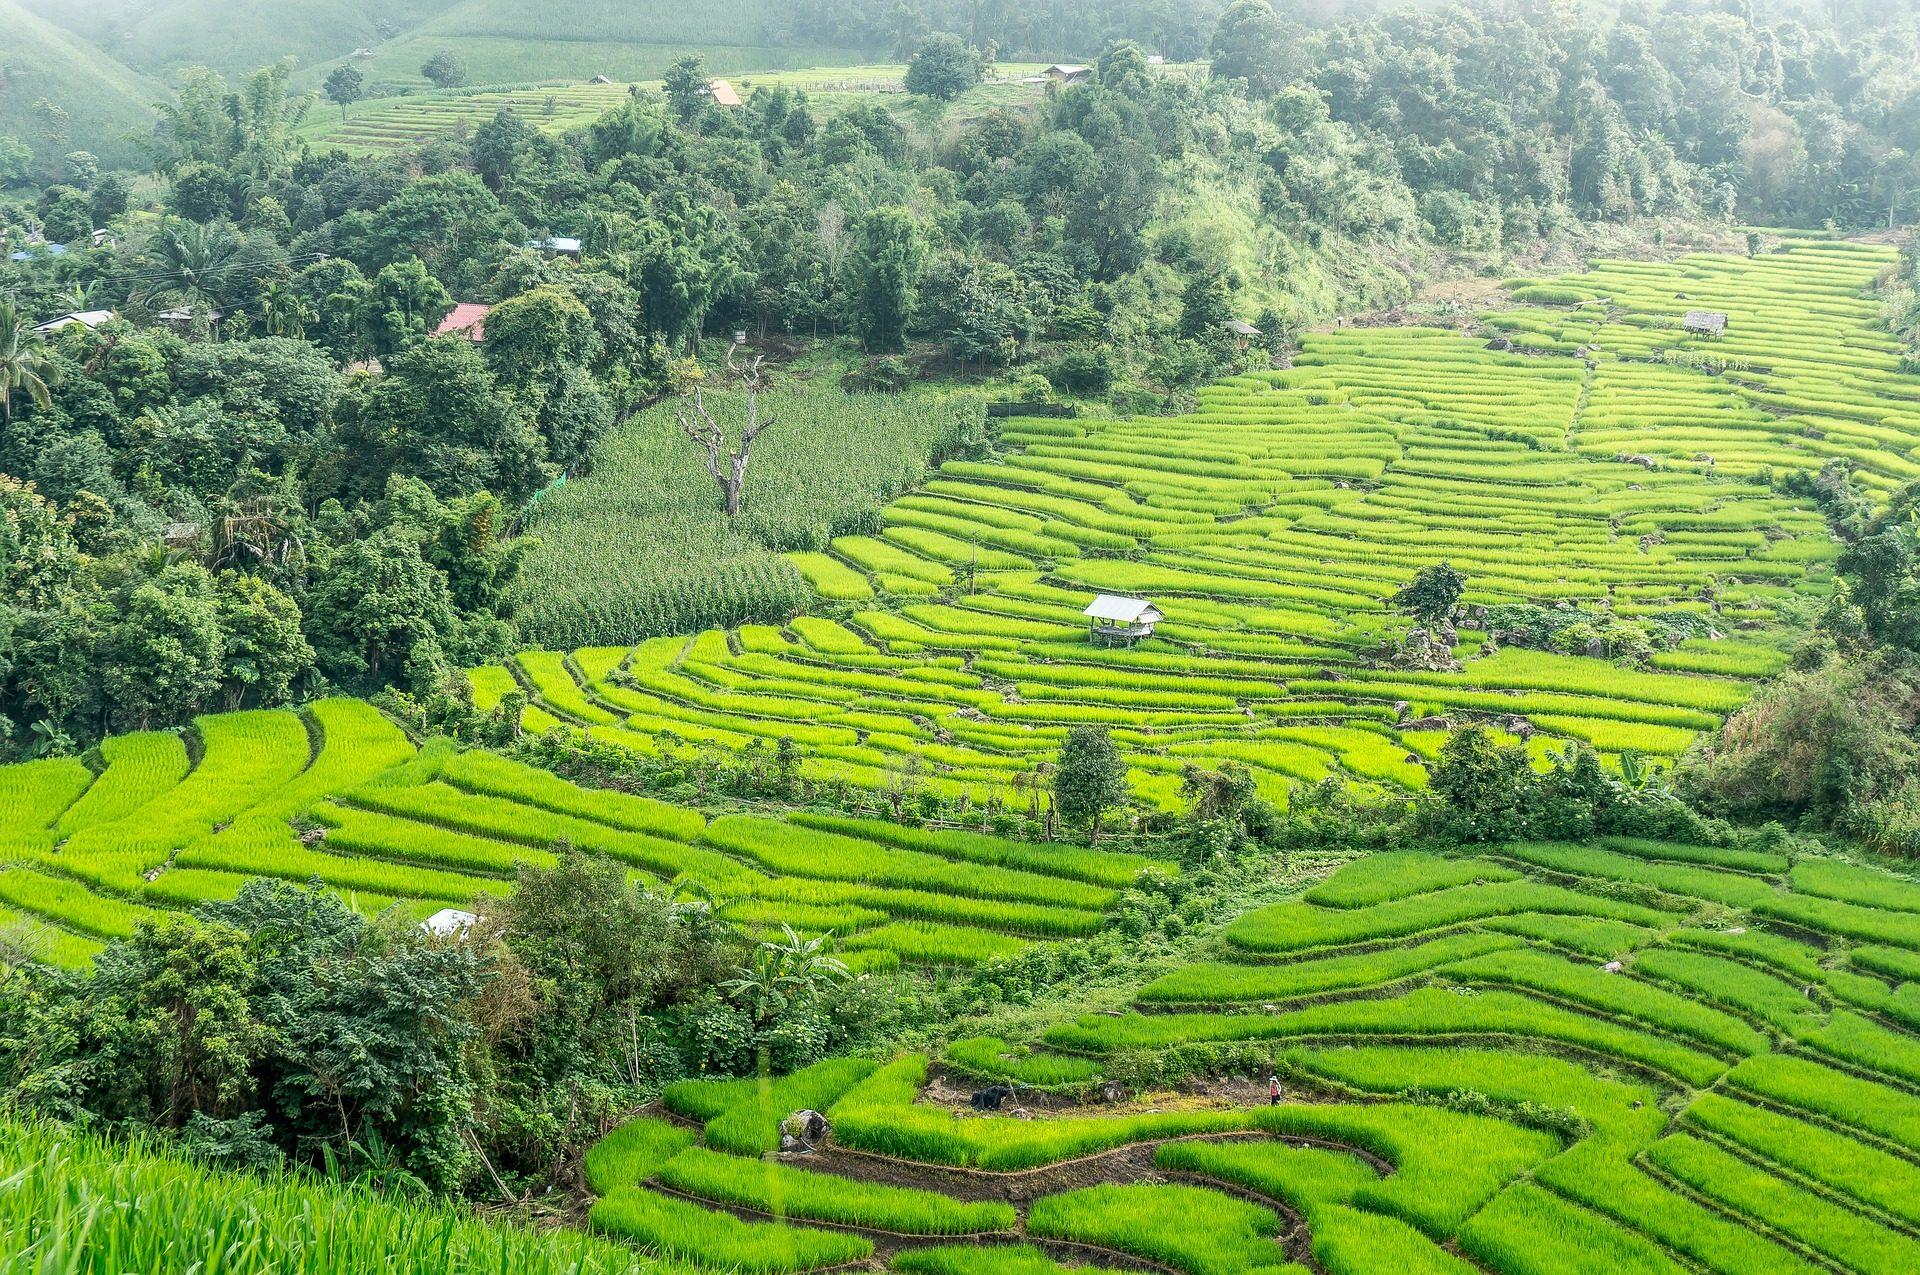 人工林, 大米, 农业, 字段, 清迈, 泰国 - 高清壁纸 - 教授-falken.com